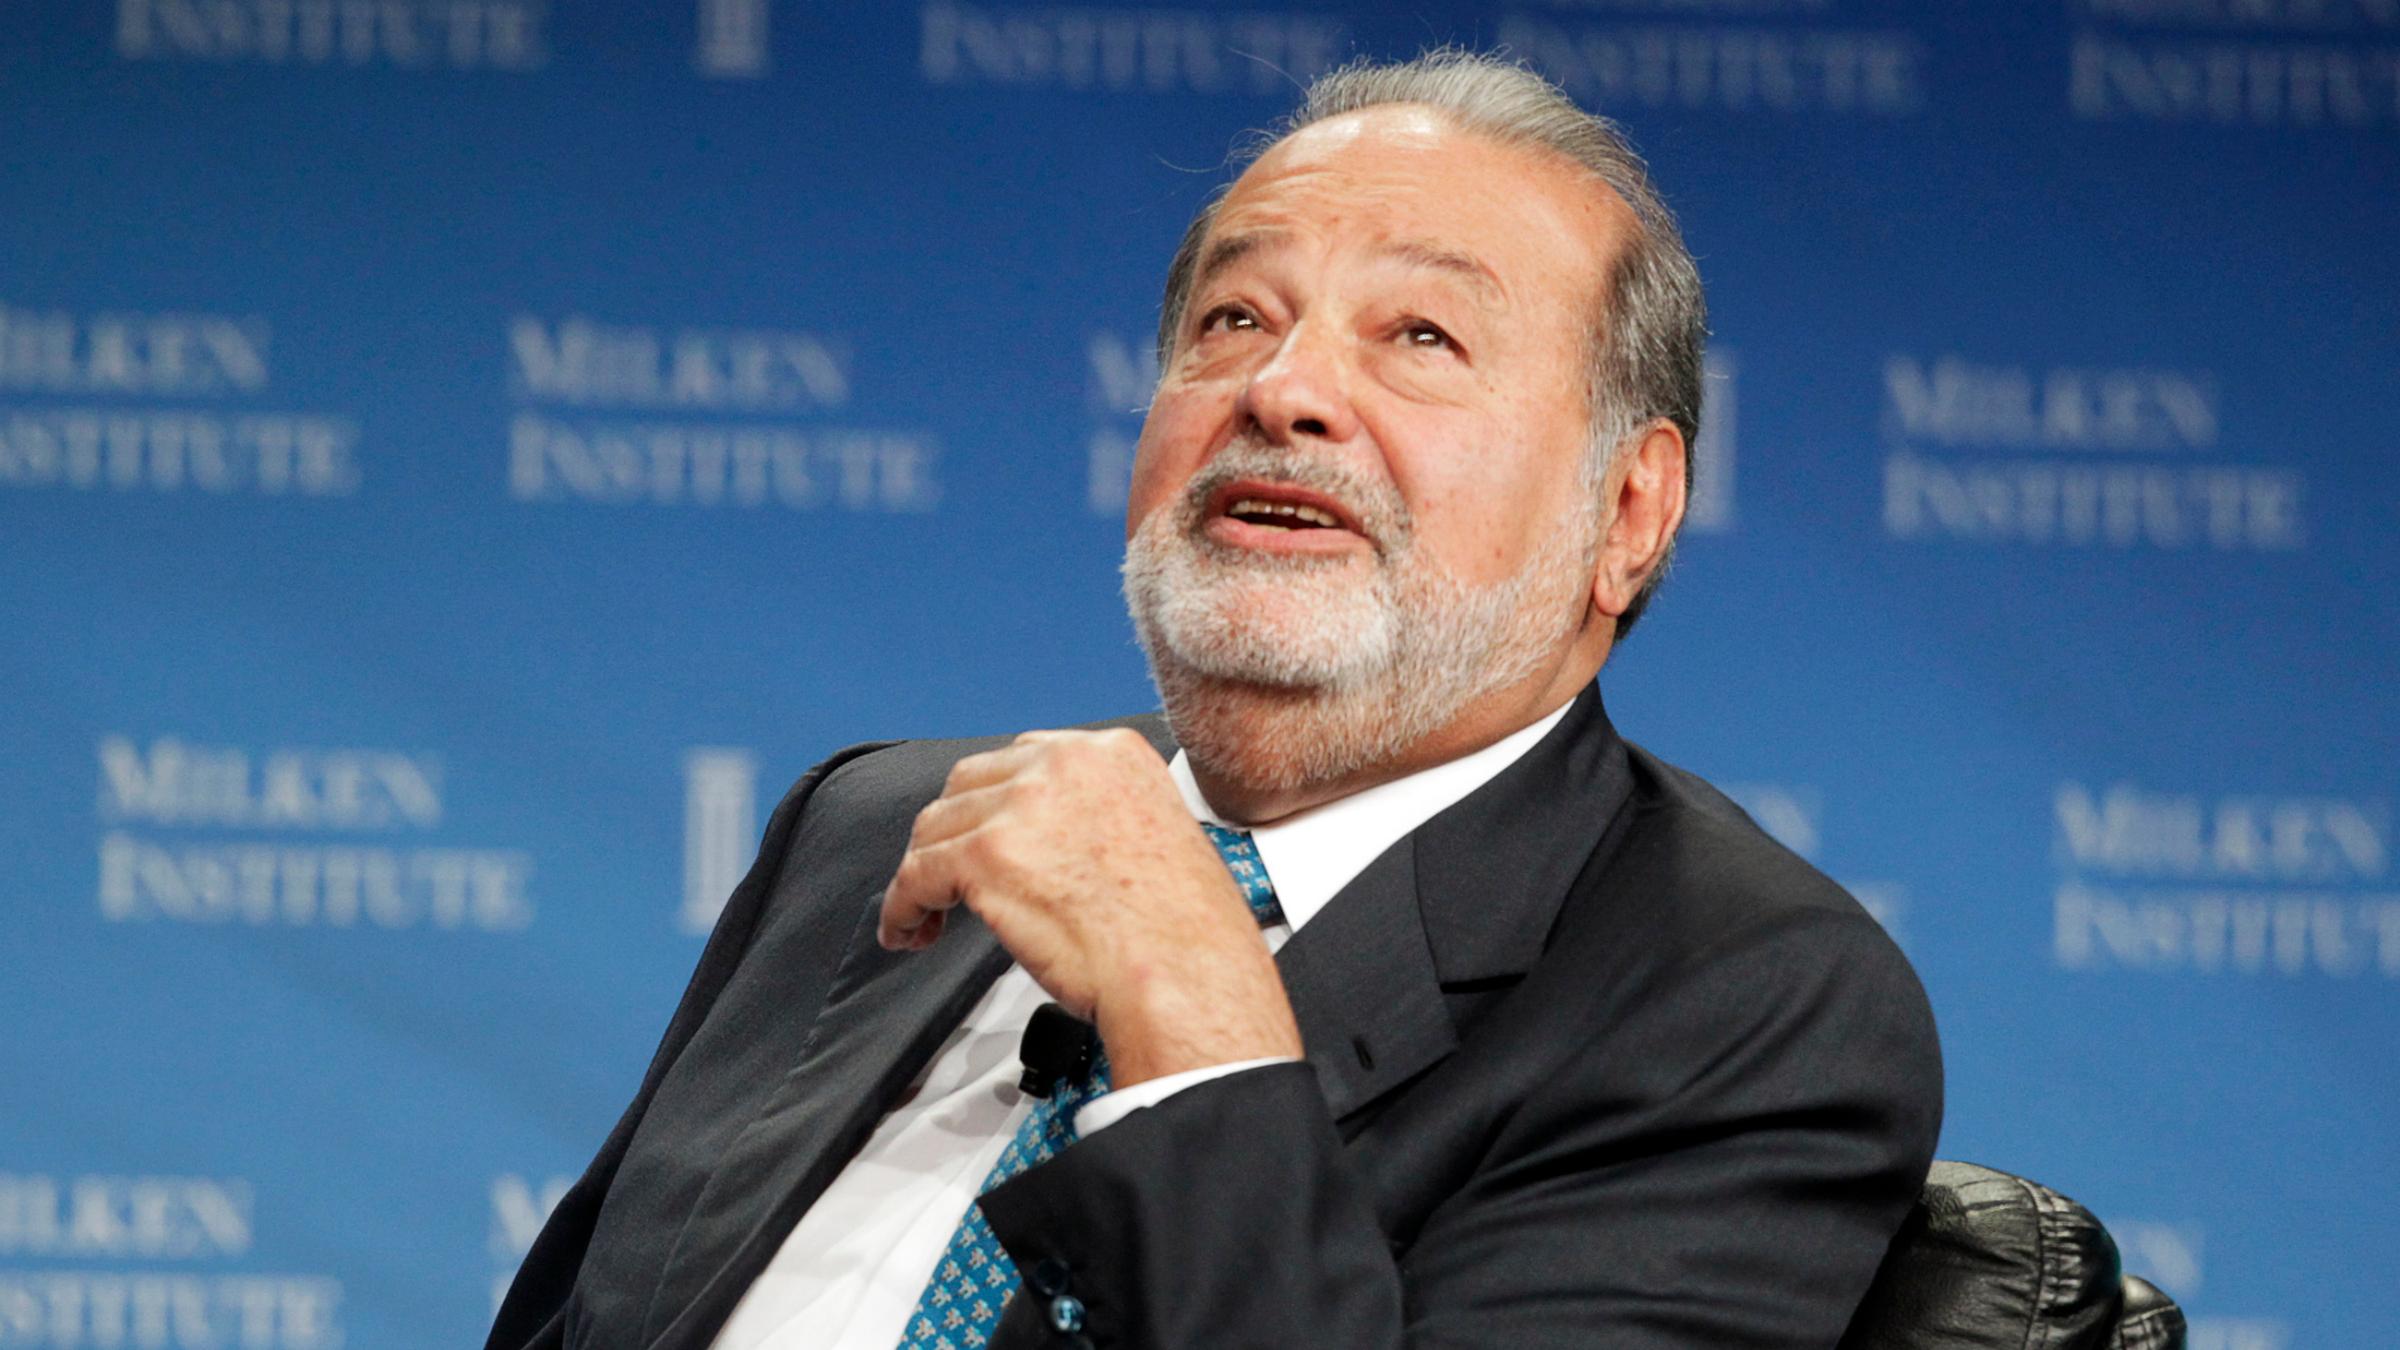 Kết quả hình ảnh cho Carlos Slim